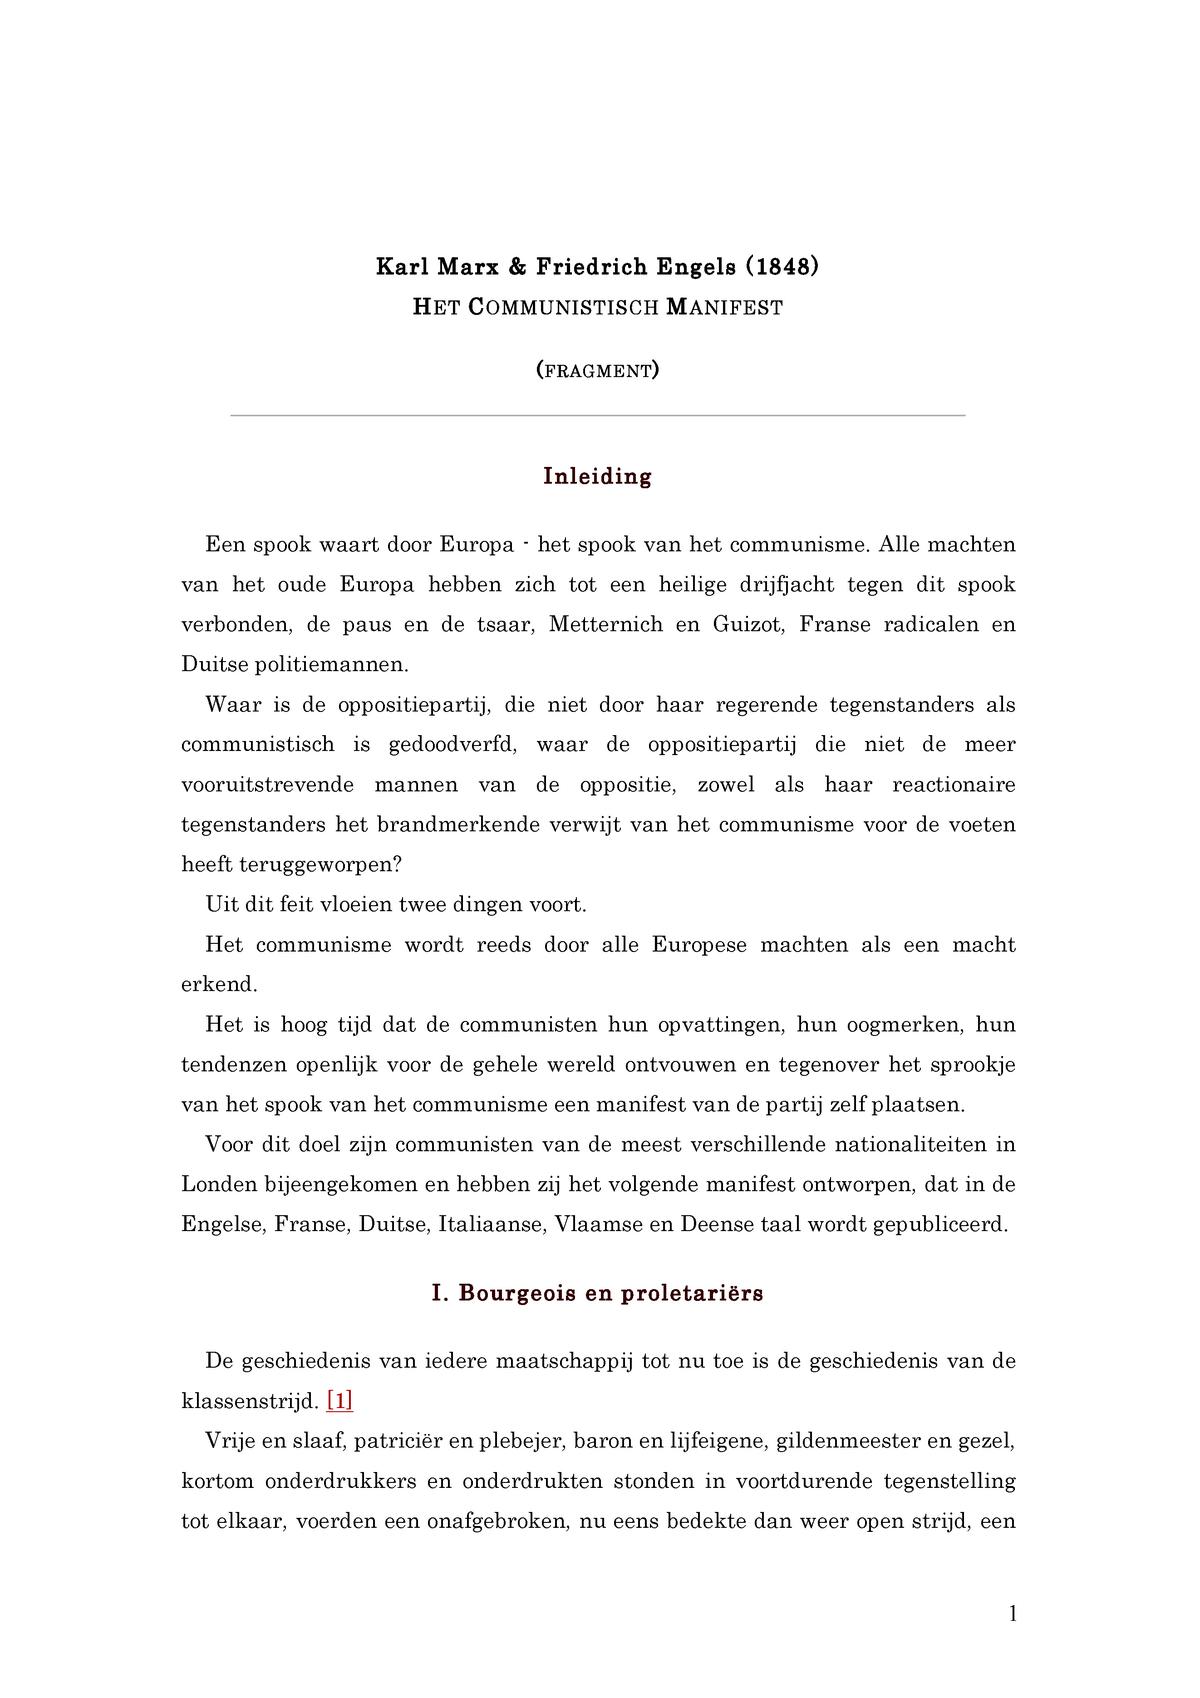 Marx Engels Communistisch Manifest Fragment Studocu